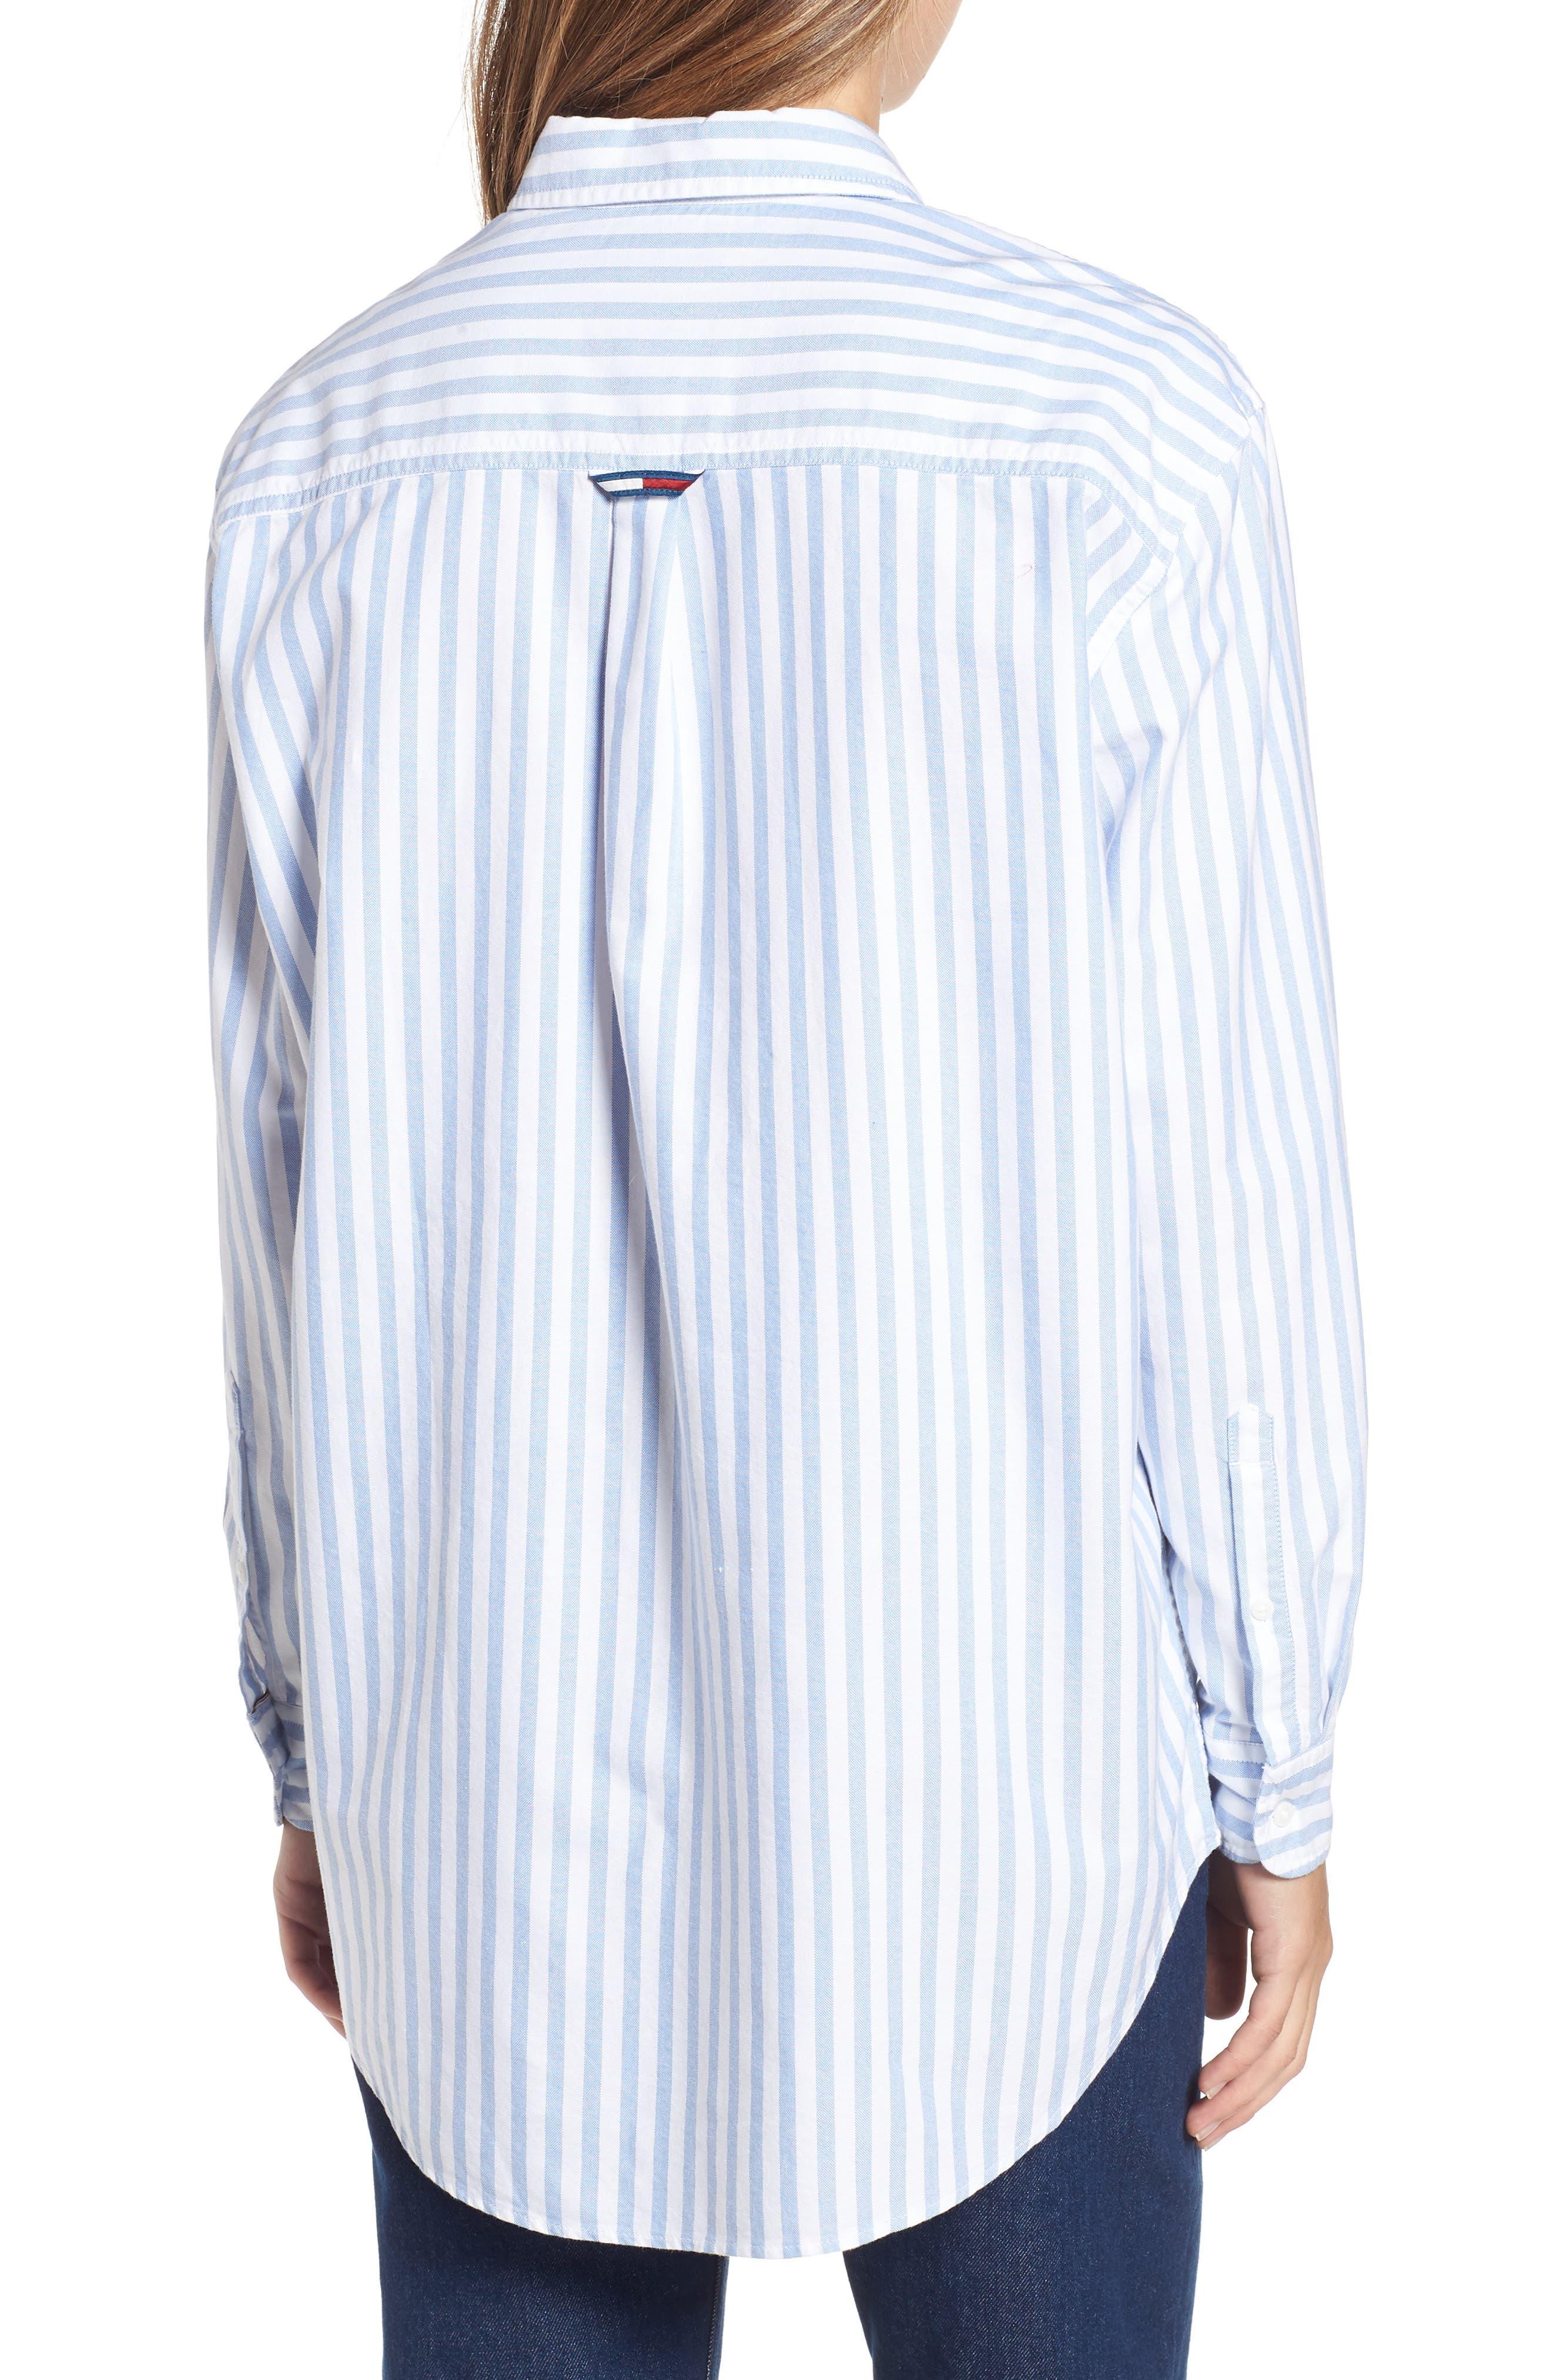 TJW Classics Stripe Shirt,                             Alternate thumbnail 2, color,                             BRIGHT WHITE / LIGHT BLUE